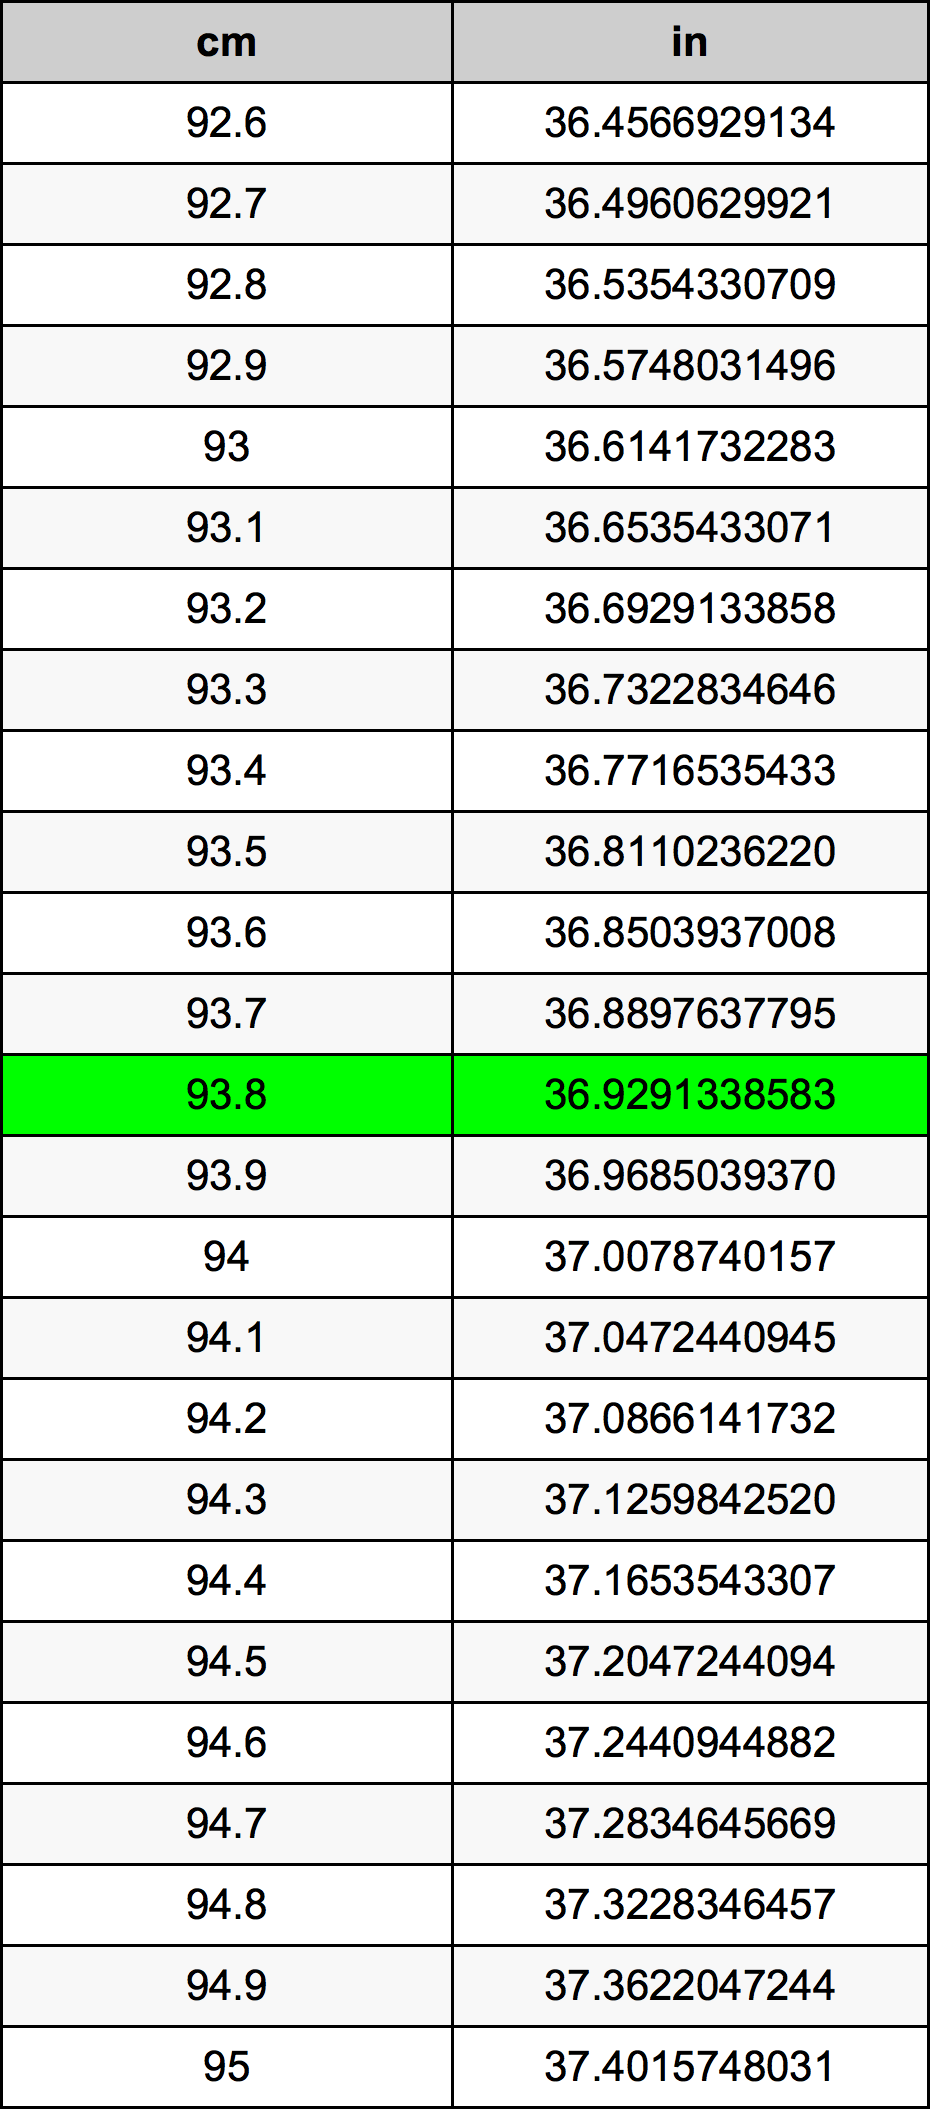 93.8 厘米换算表